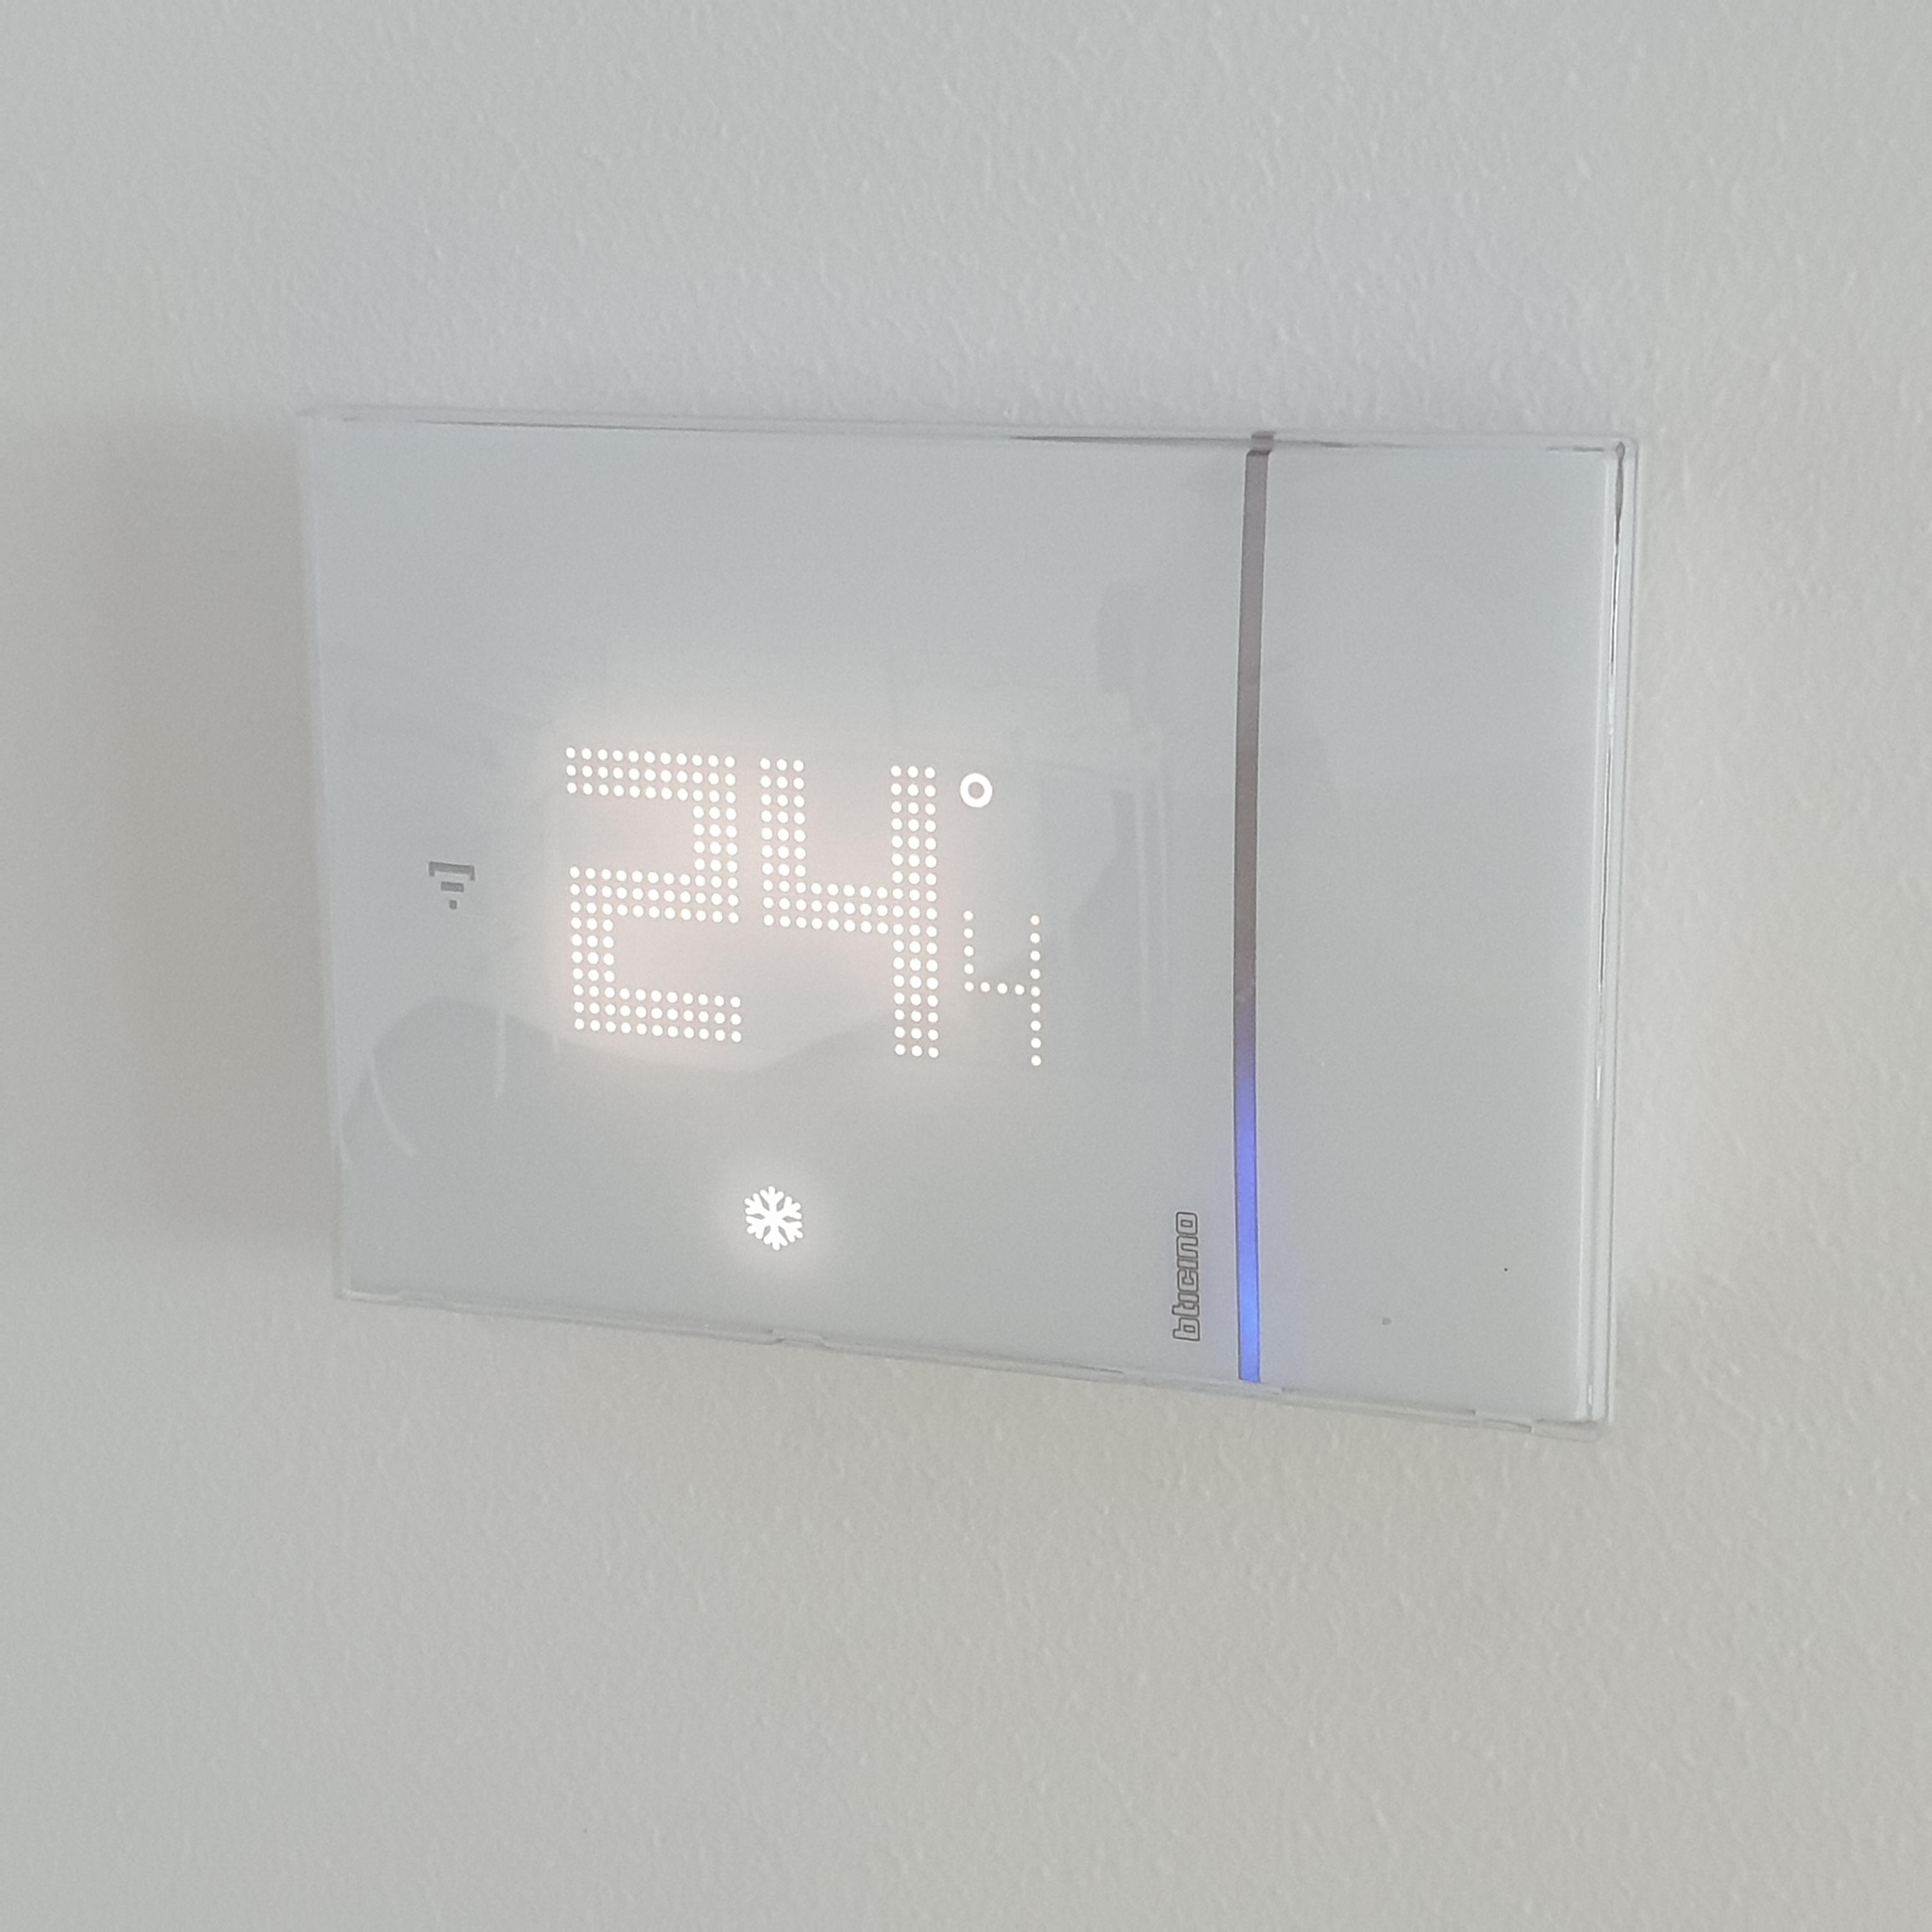 bticino termostato